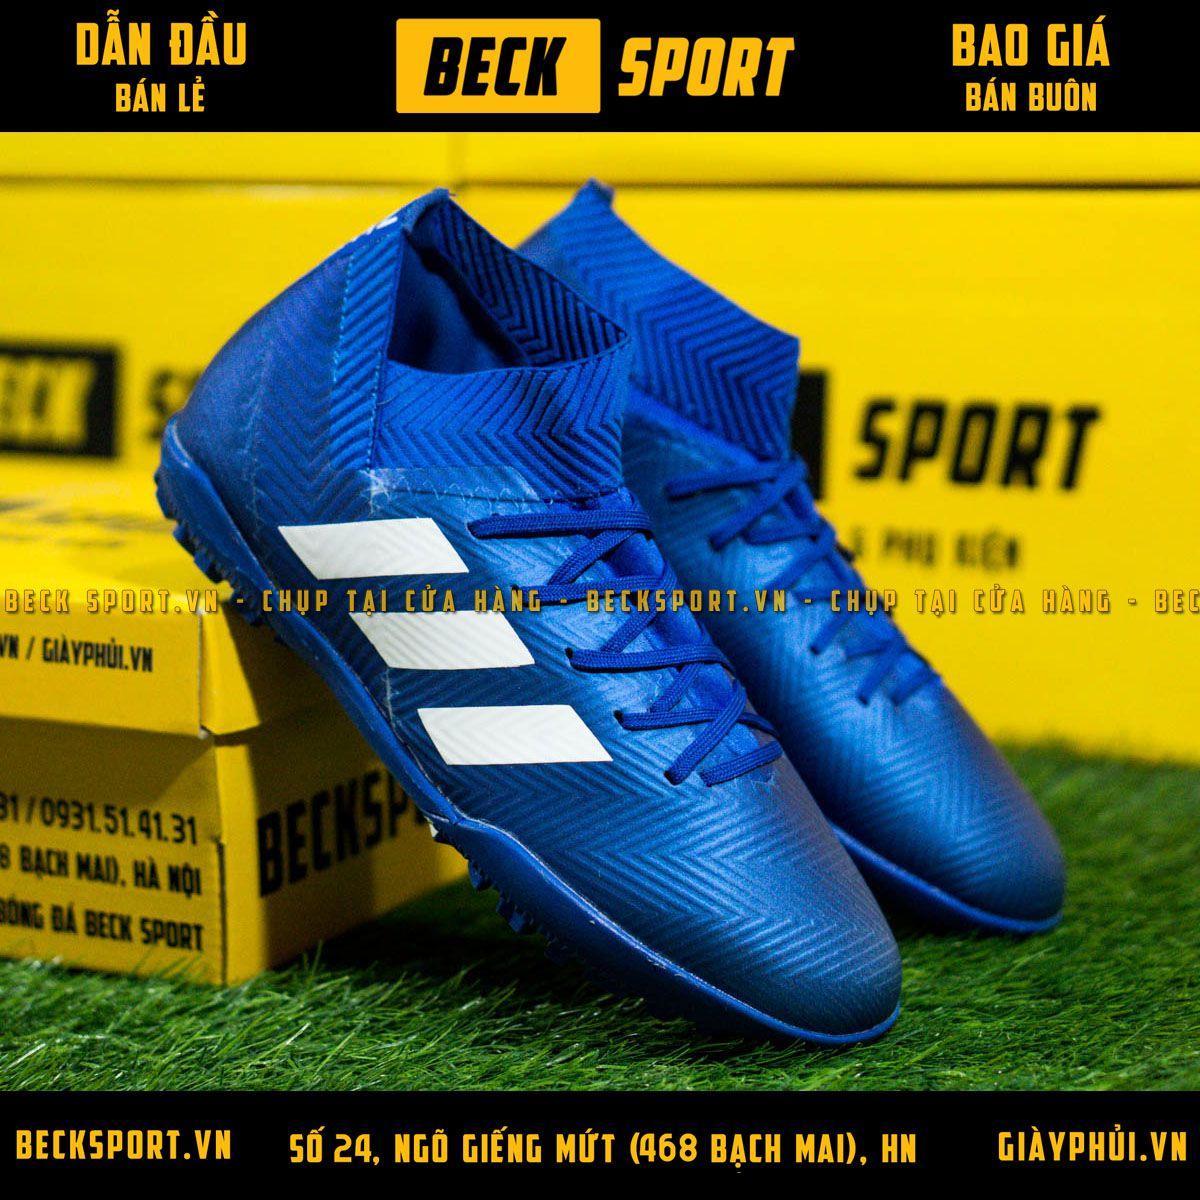 Giày Bóng Đá Adidas Nemeziz 18.3 Xanh Biển Vạch Trắng Cổ chéo TF